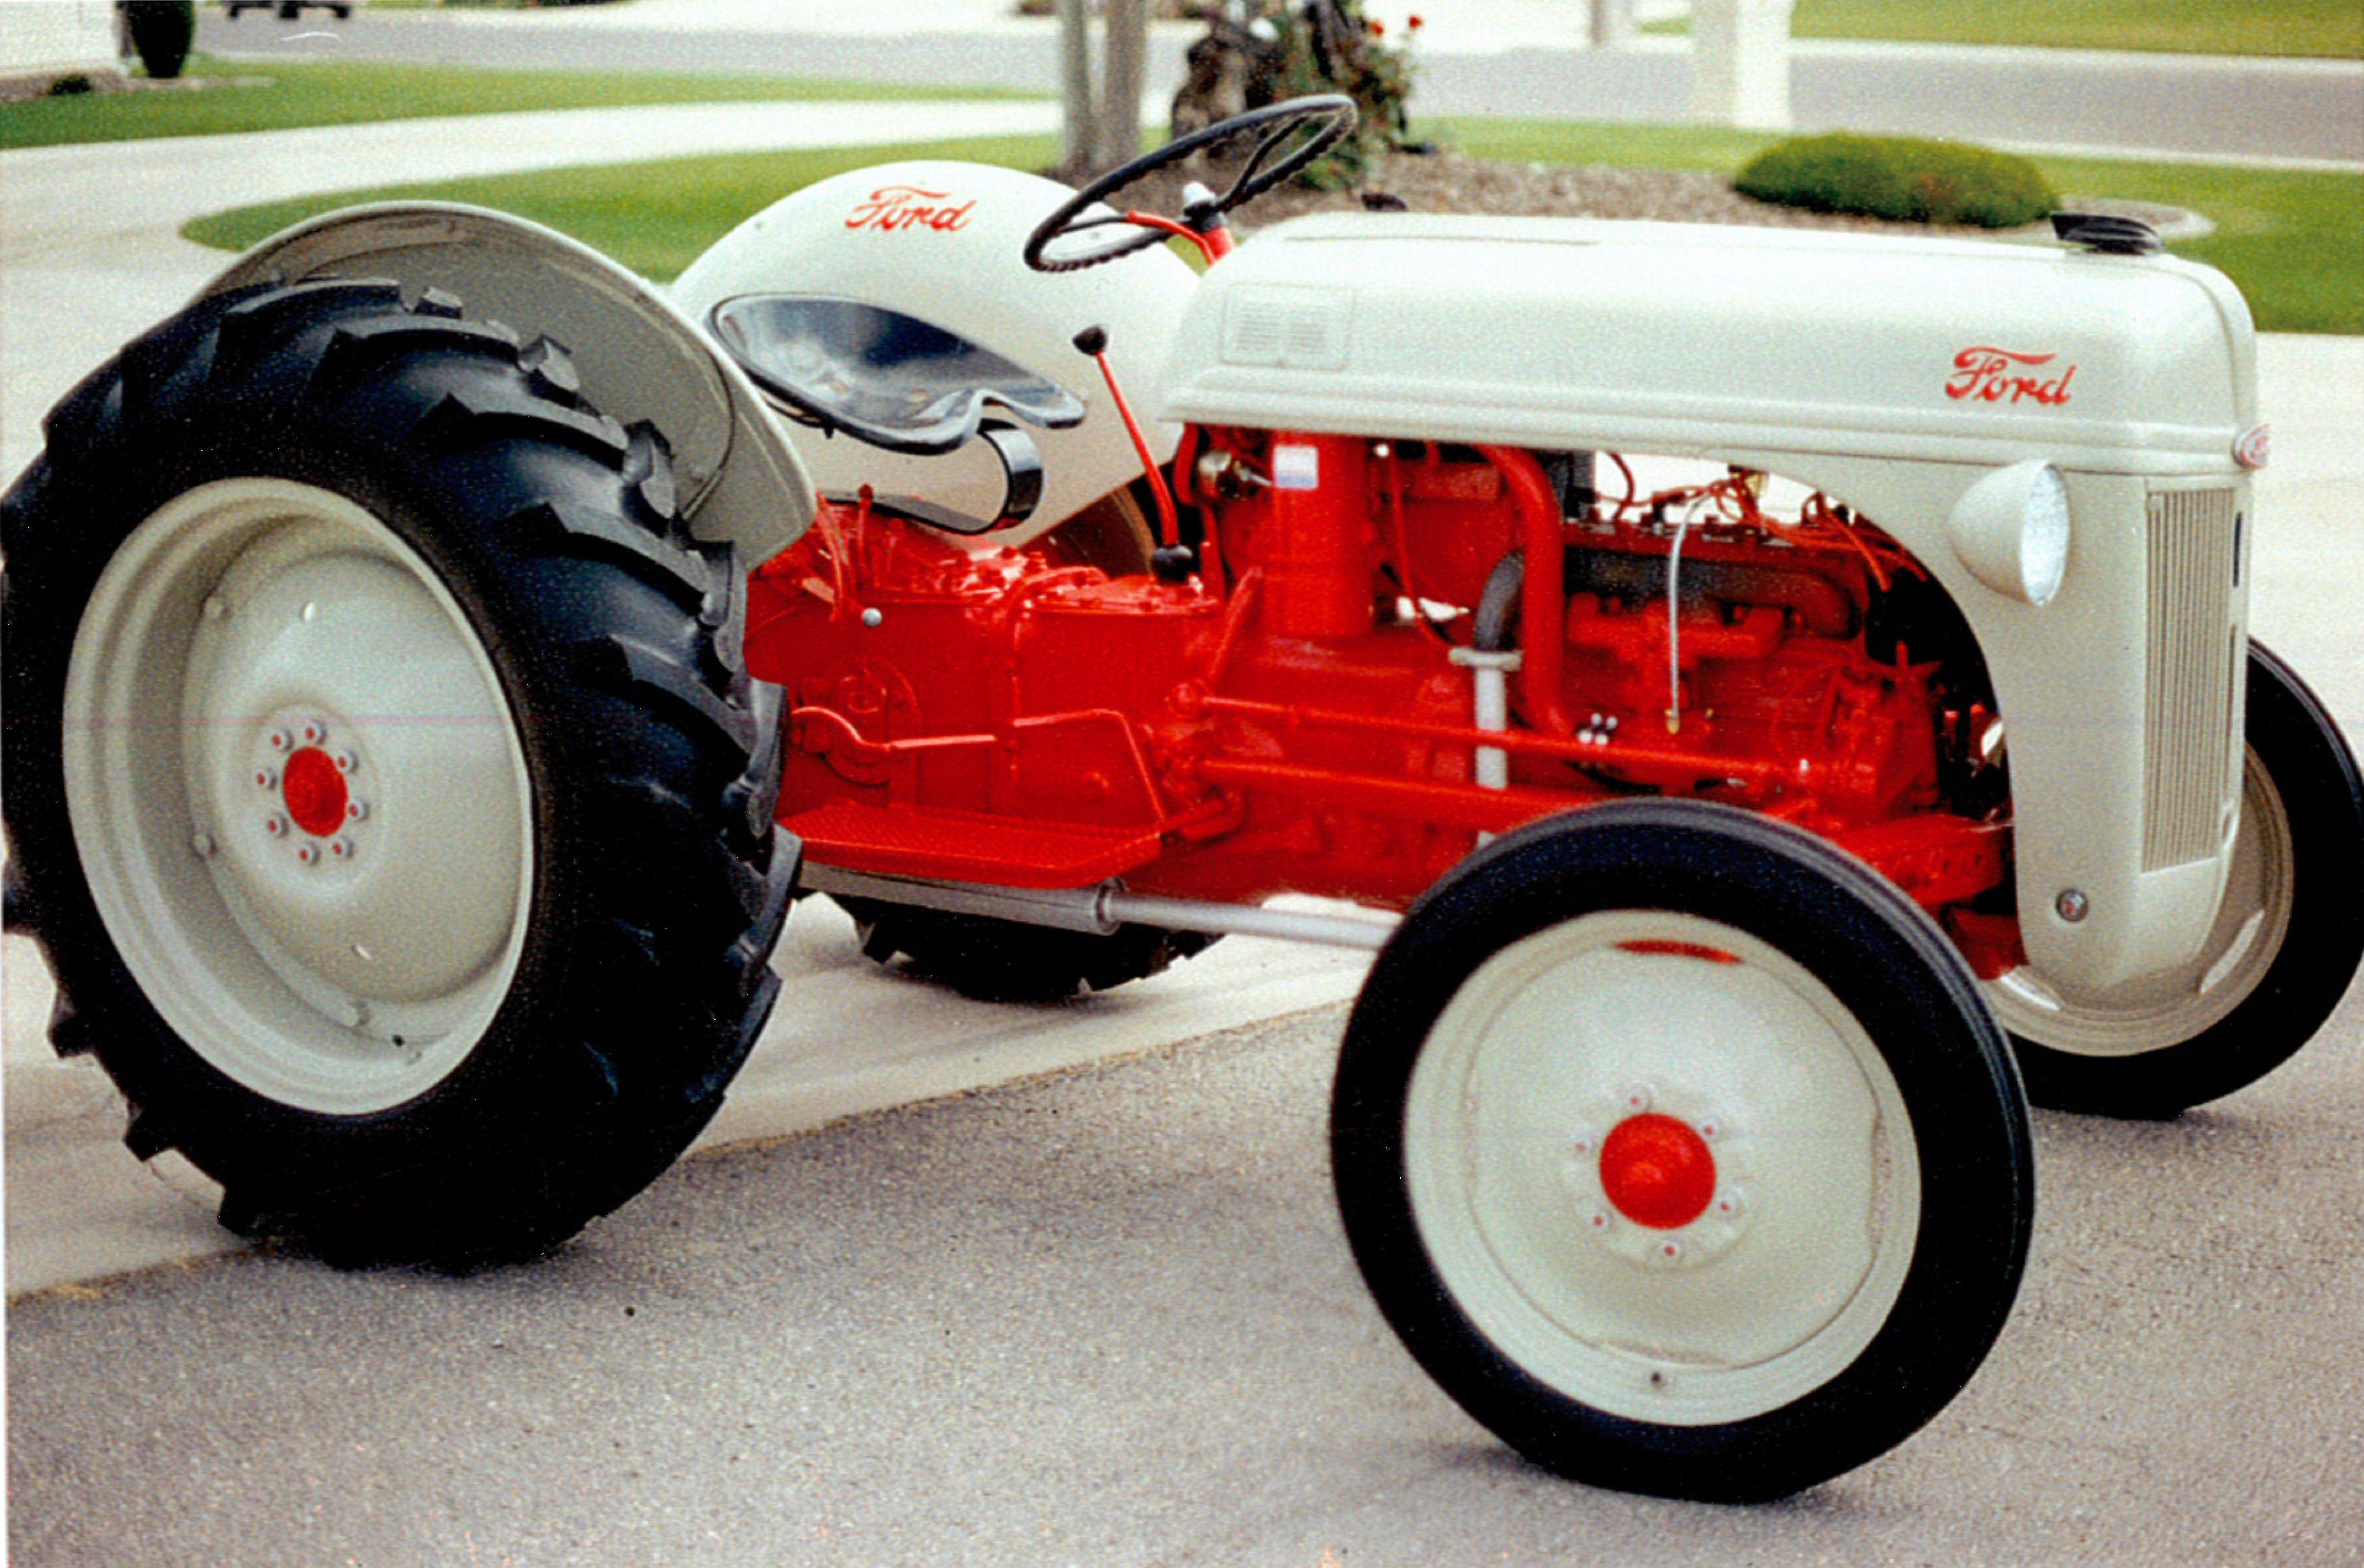 1950 ford 8n tractor wiring diagram skunk anatomy 46 9n herb 39s